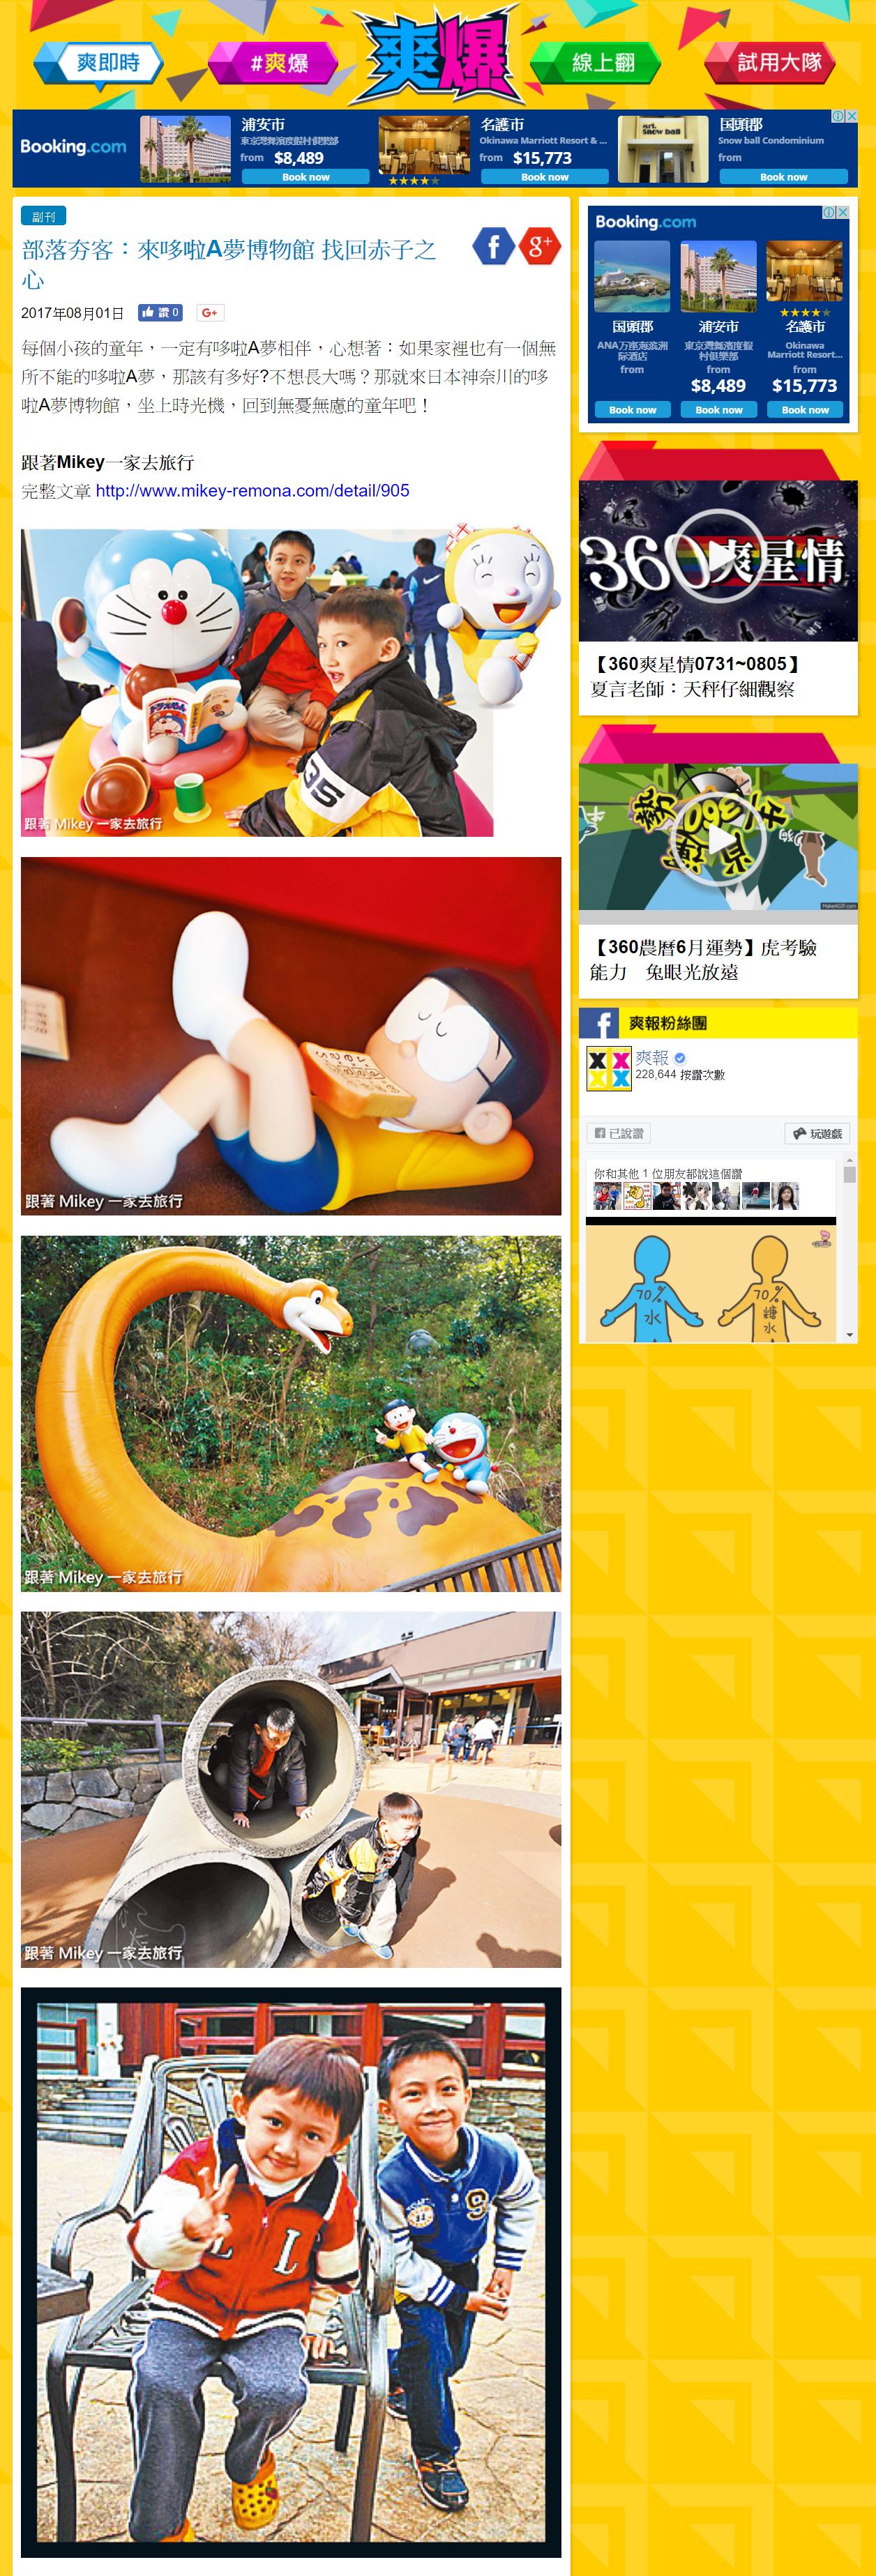 跟著 Mikey 一家去旅行 - 【 媒體露出 】爽報 - 部落夯客 - 『 來哆啦A夢博物館 找回赤子之心 』